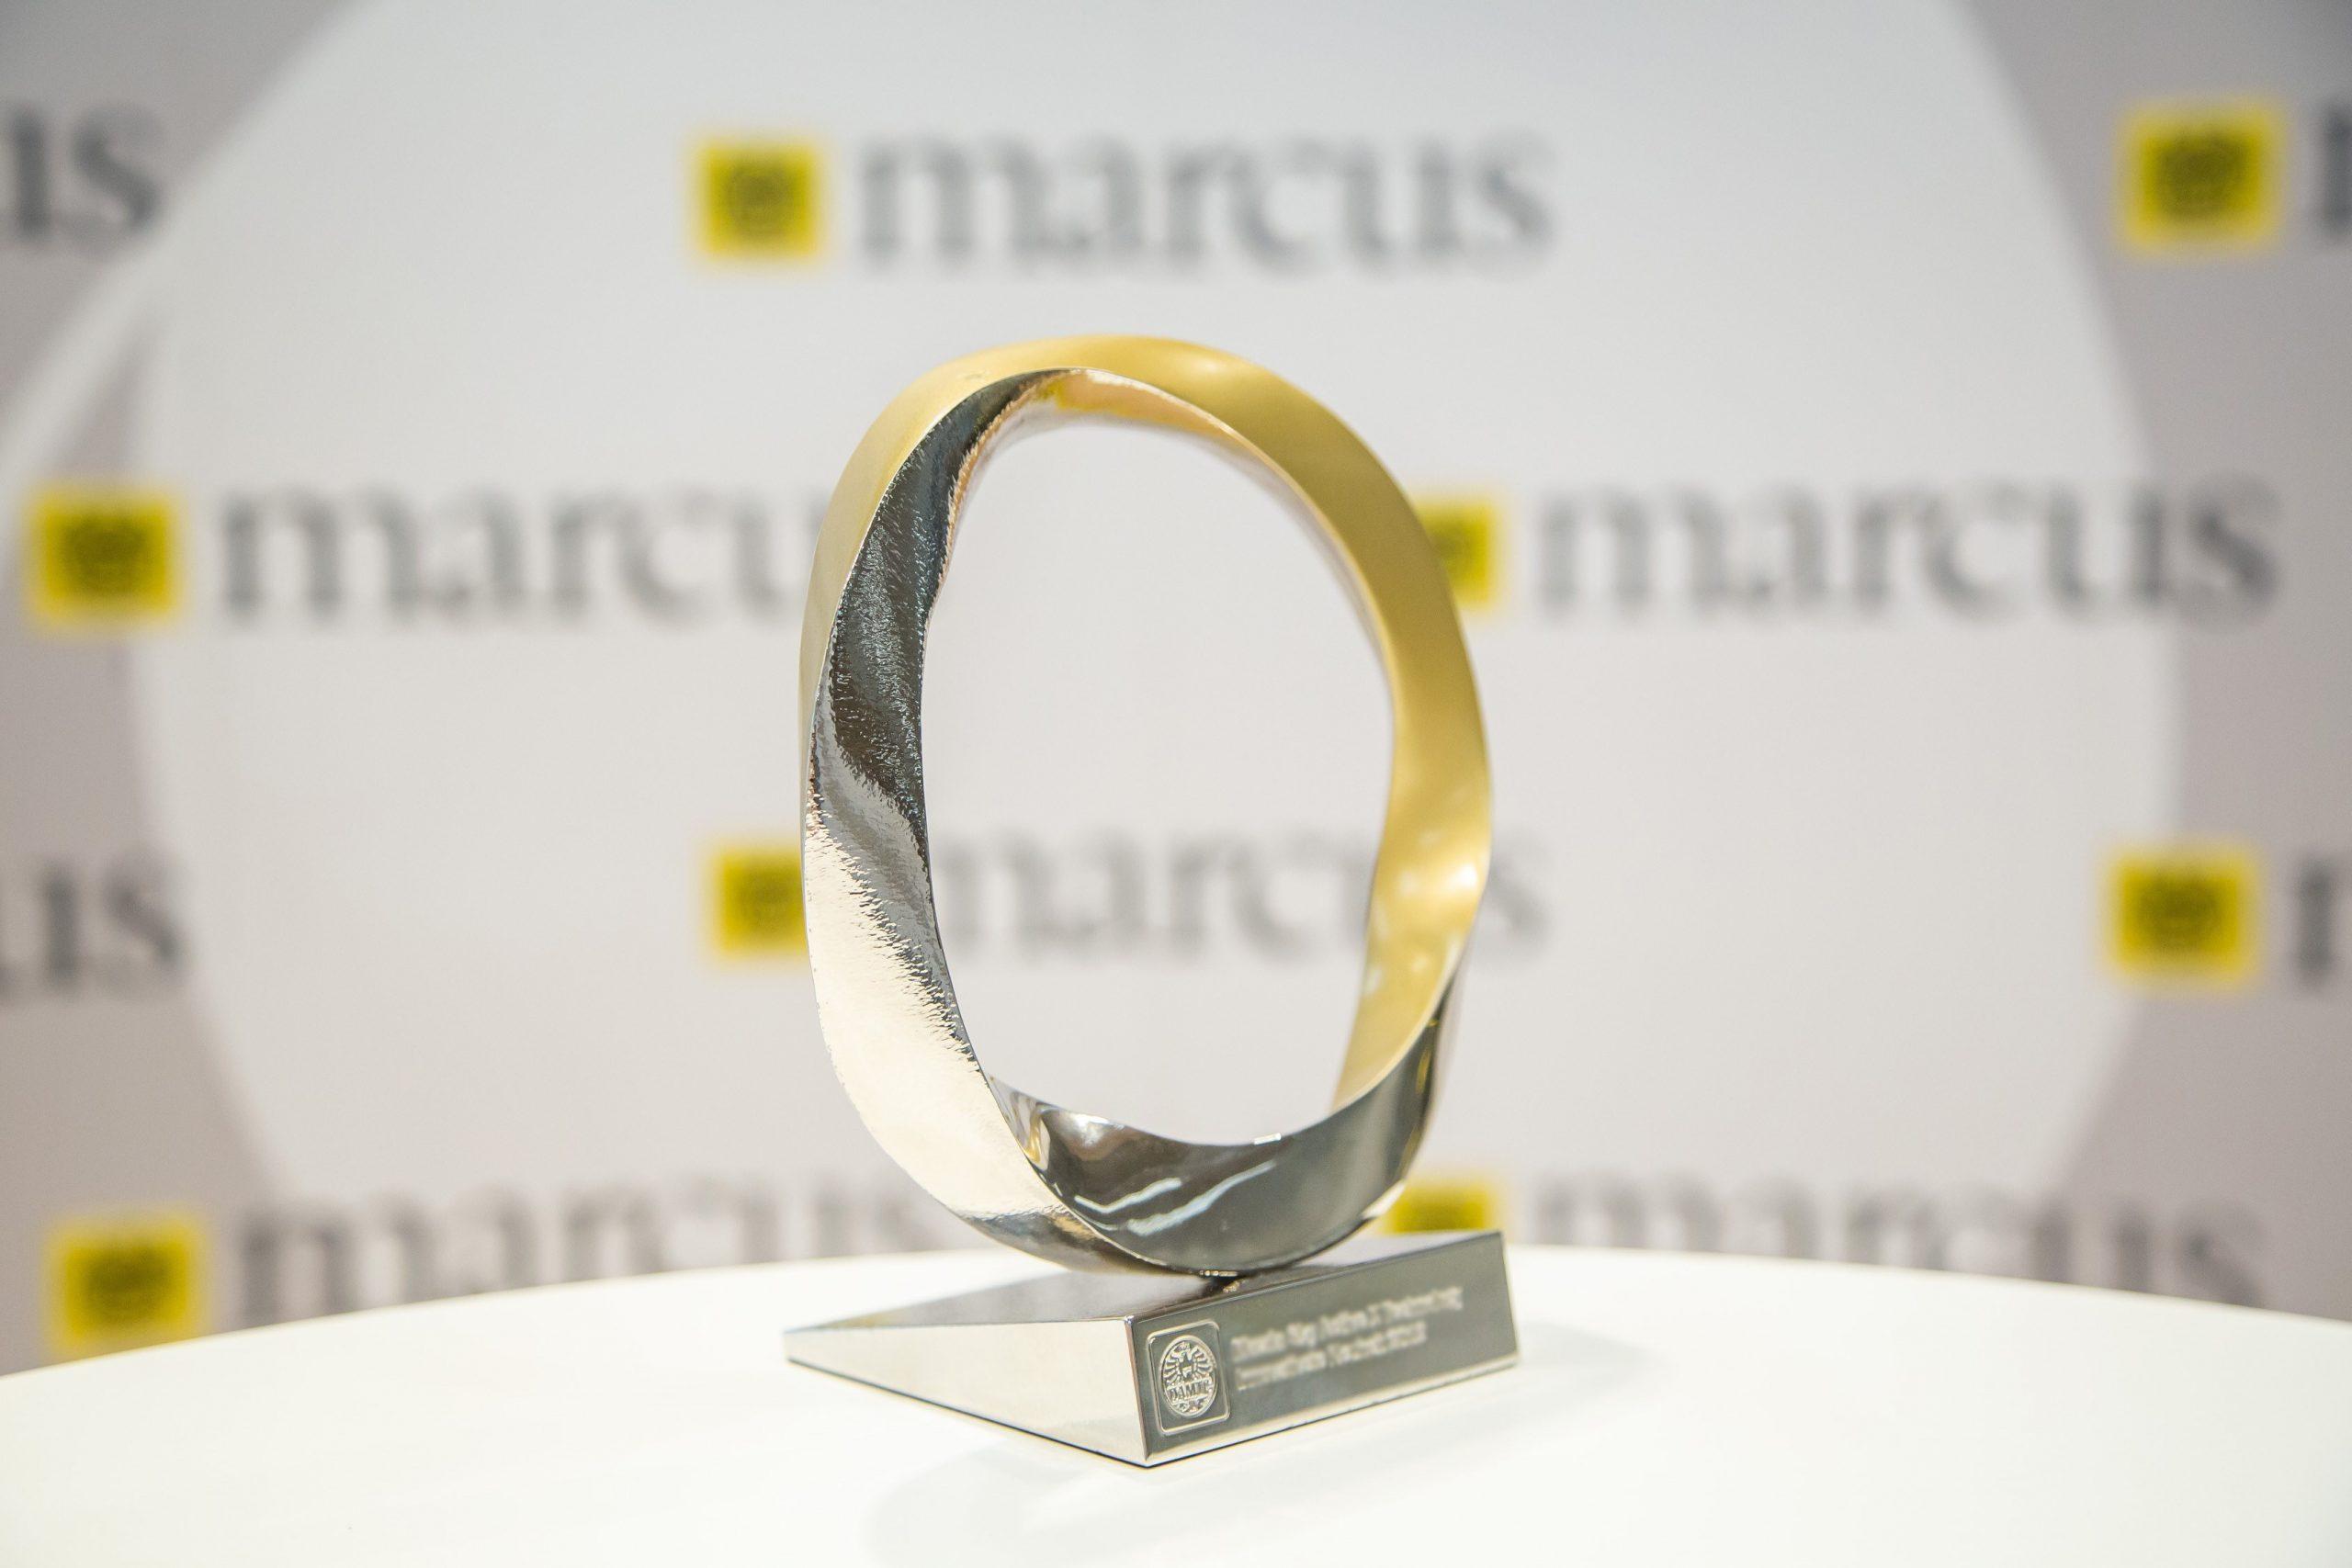 Volvo S60 gewinnt das Mitglieder-Voting beim Marcus Award